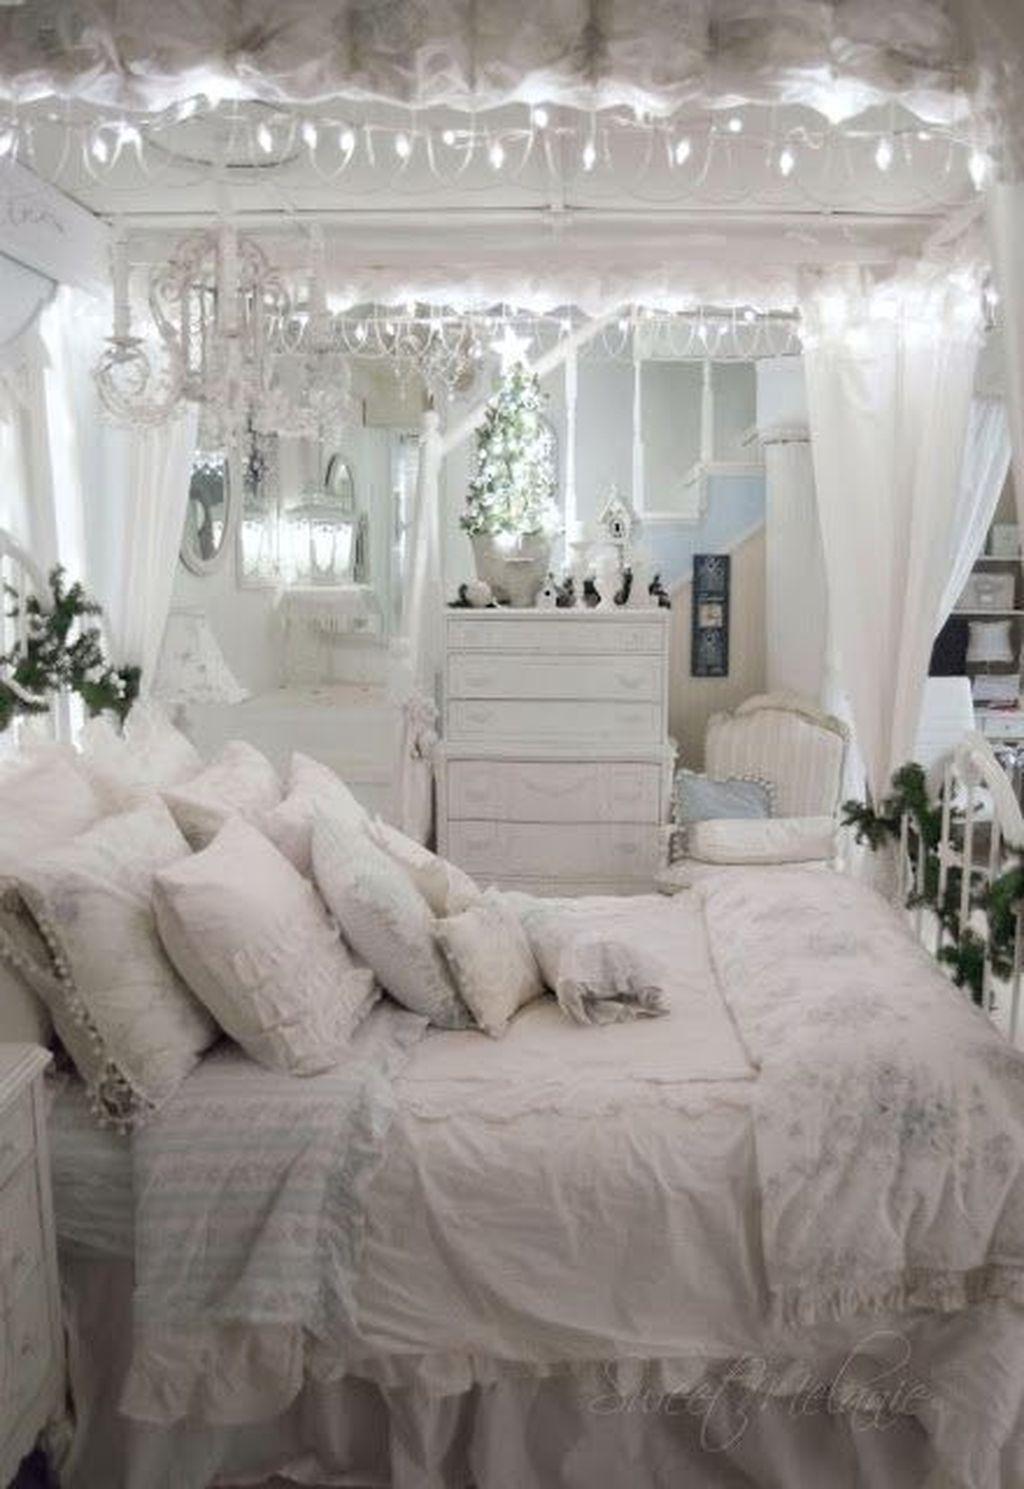 35 Cozy Shabby Chic Bedroom Ideas Shabby Chic Romantic Bedroom